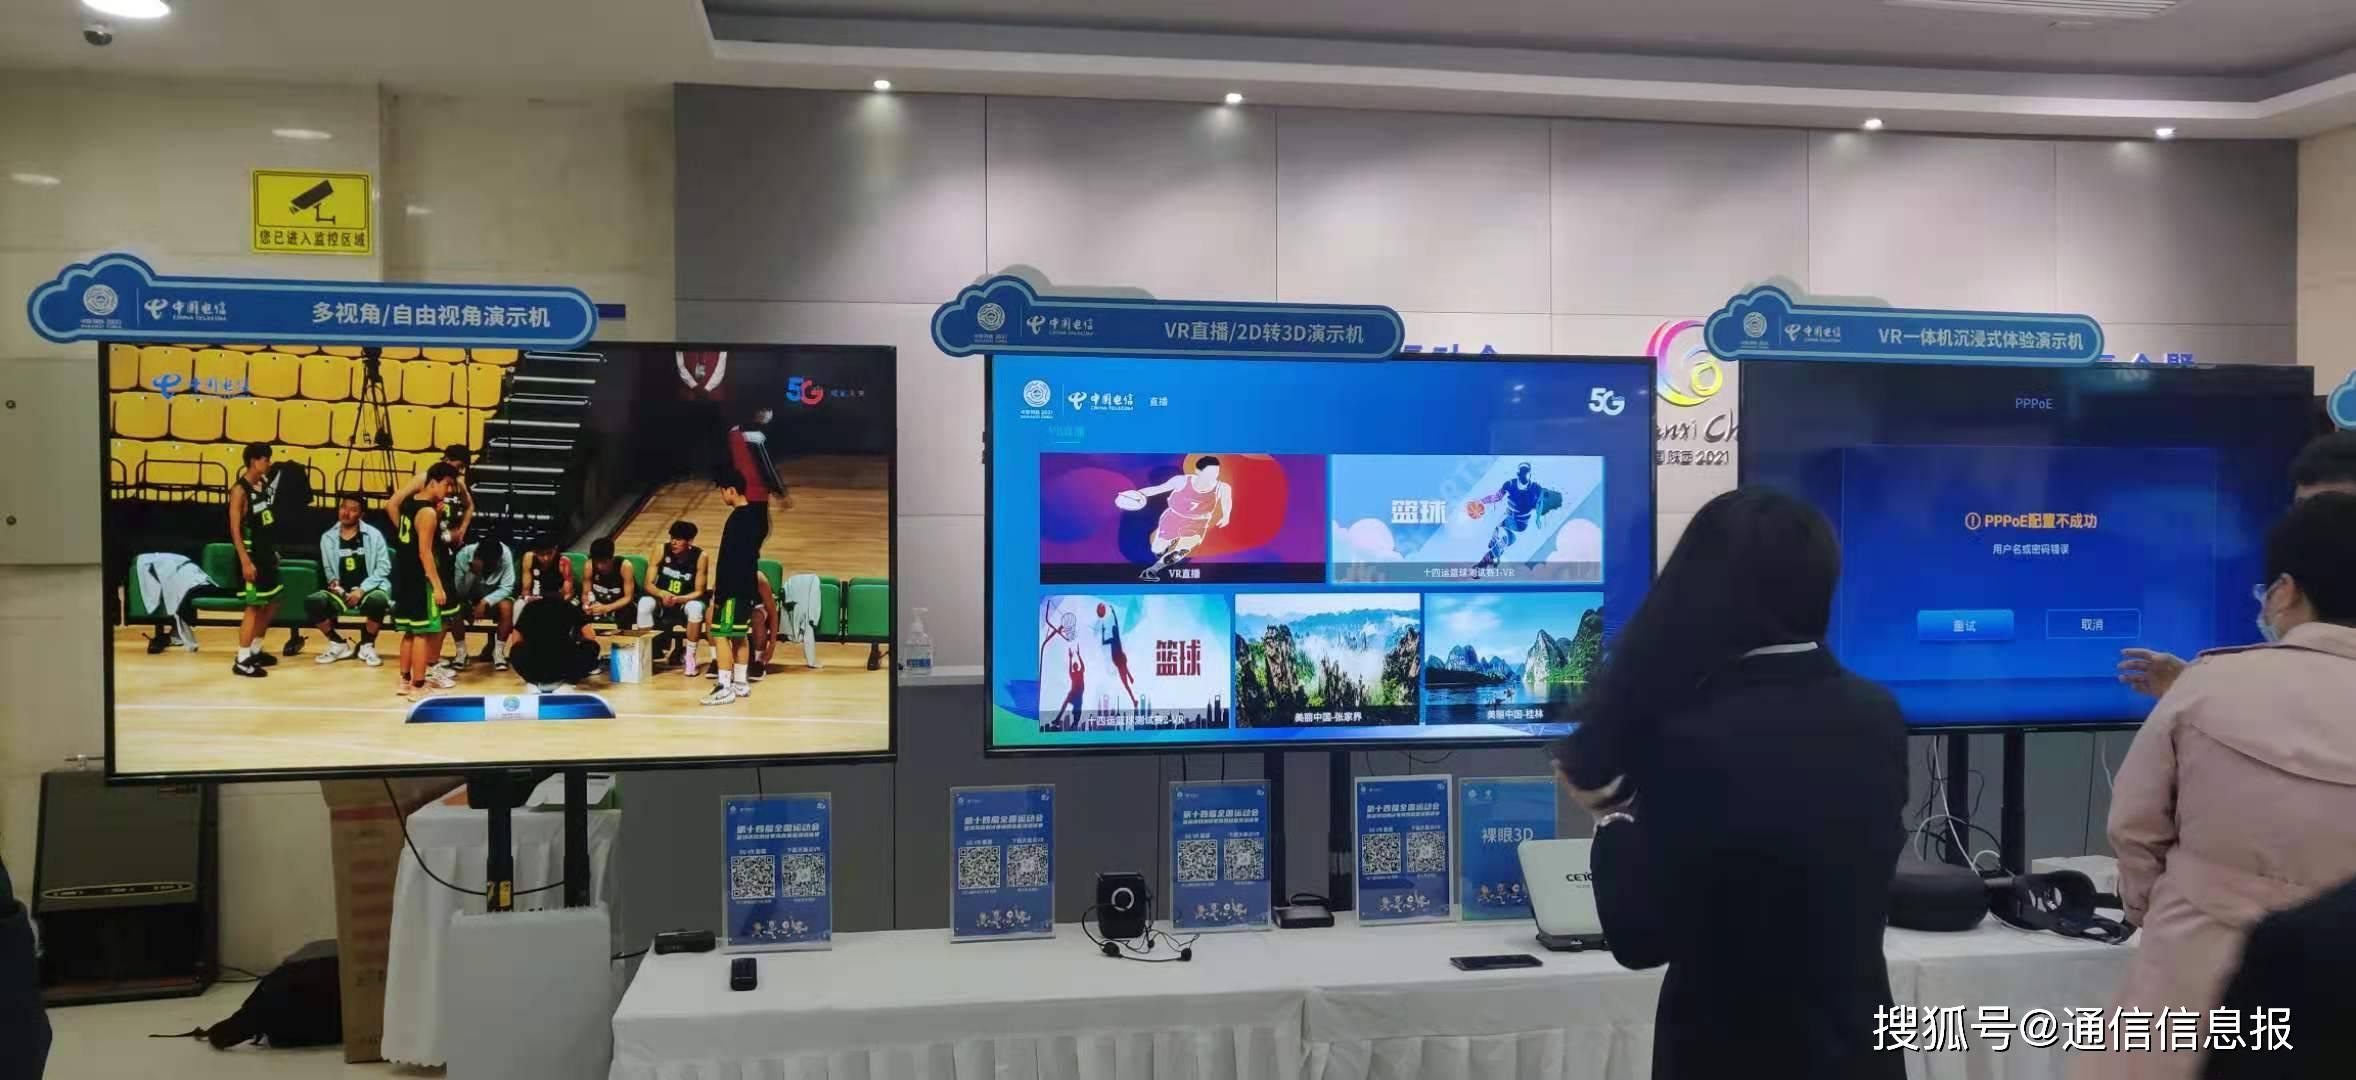 """""""5G+VR""""走进赛场!中国电信创新十四运会智慧观赛模式"""